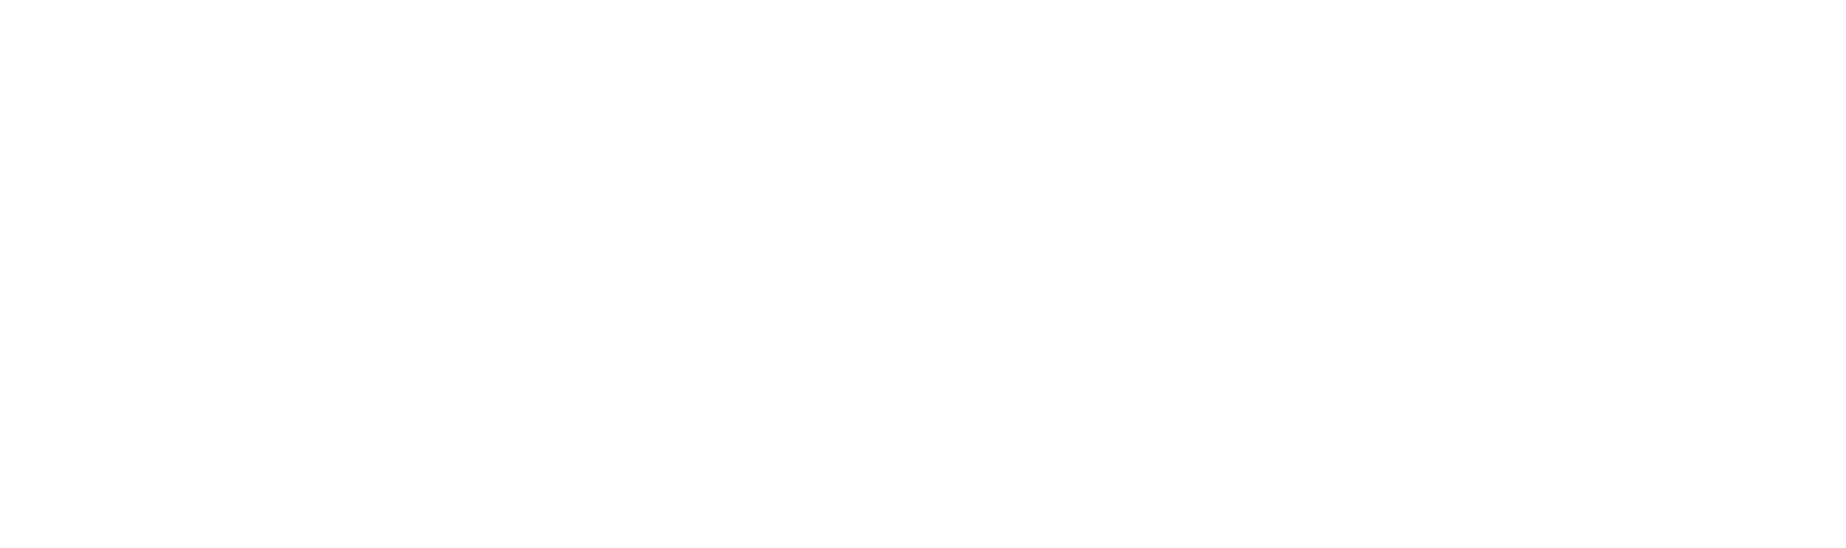 Eesti spordi lugu | Eesti Spordi- ja Olümpiamuuseum